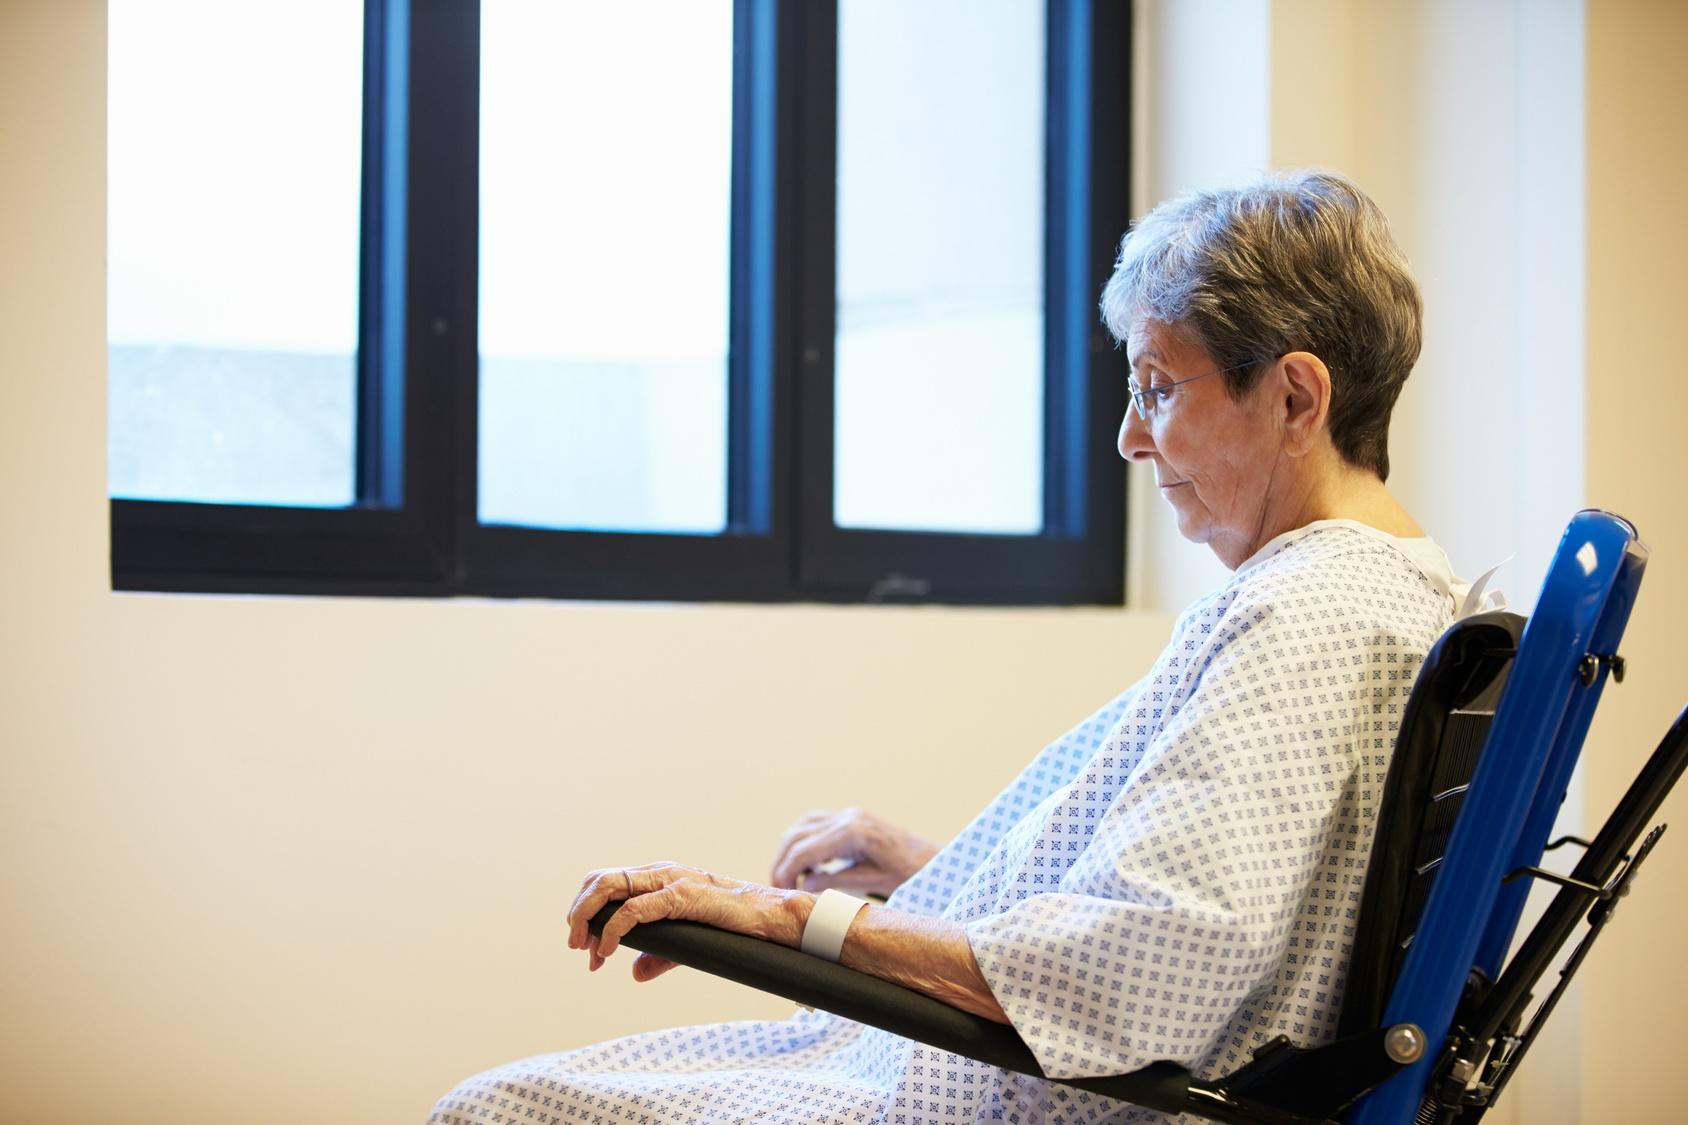 Worried patient